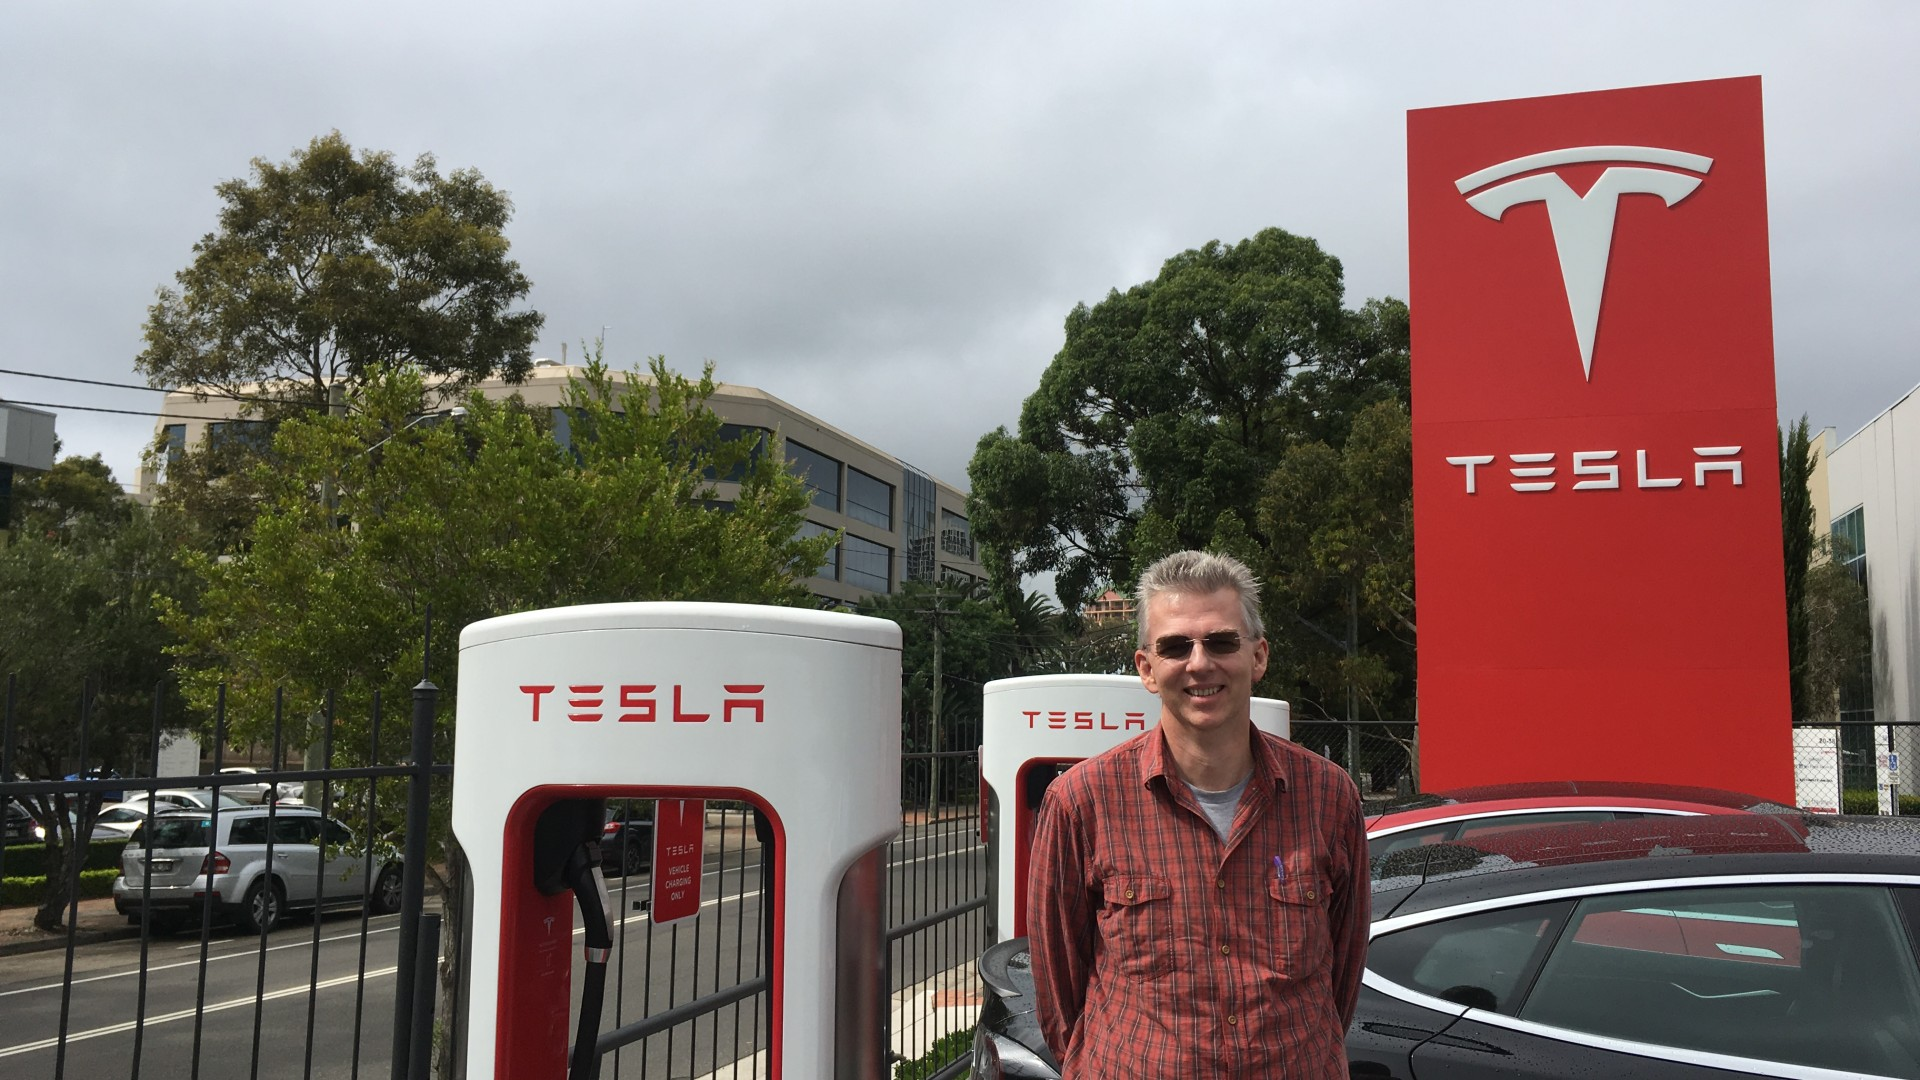 Tesla Fans Gear Up For Model 3 Reveal